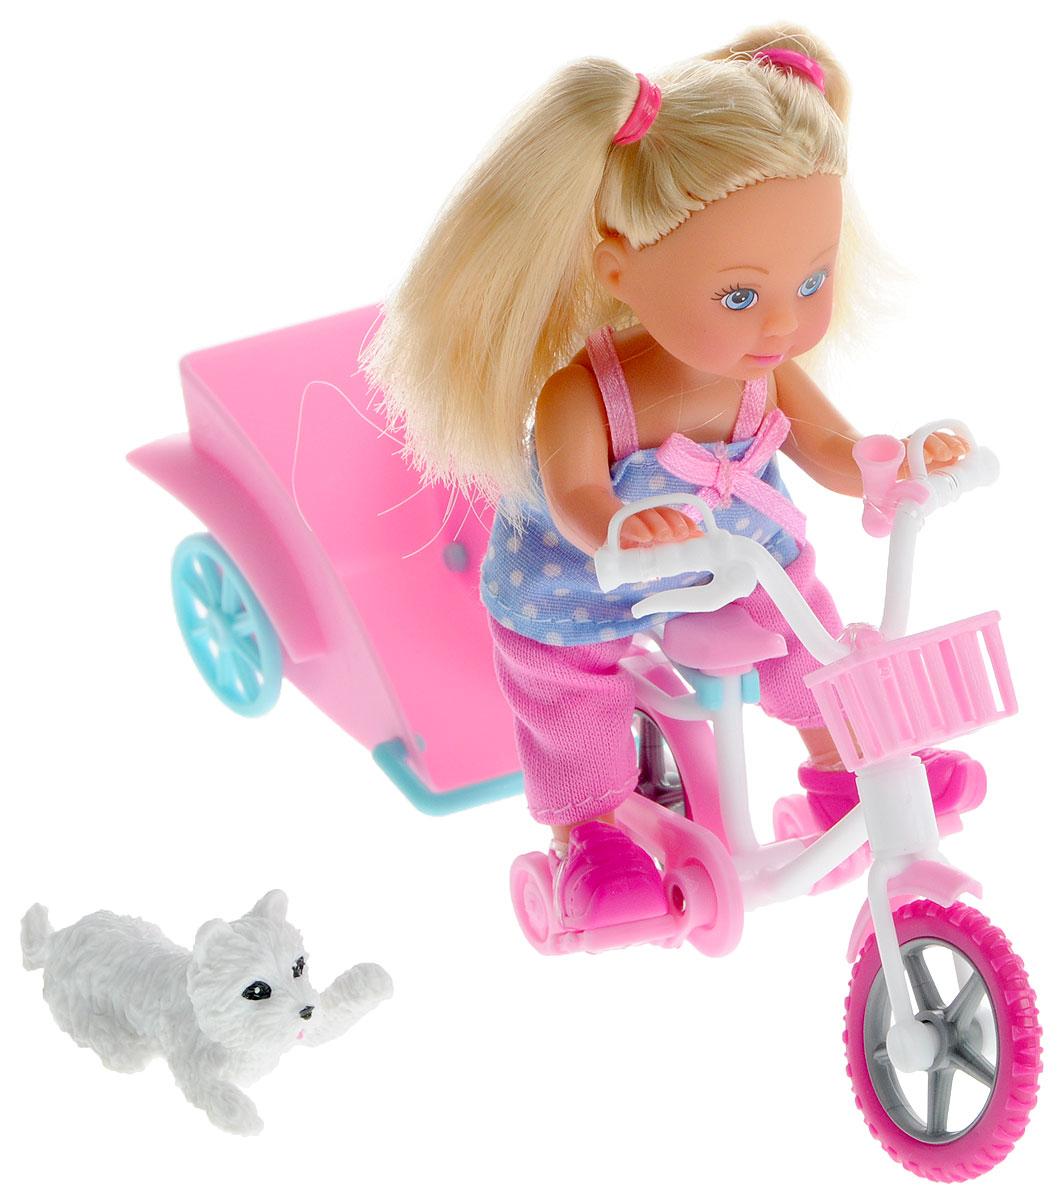 Simba Игровой набор с мини-куклой Bike Tour5730783У чудесной куколки Еви есть велосипед, собачка и даже специальная тележечка для перевозки питомца. Еви очень любит велосипедные прогулки и всегда заботится о безопасности: надевает модный розовый шлем. Вашей крошке обязательно понравится играть с куколкой Еви. Набор выполнен из высококачественного материала, абсолютно безопасного для здоровья вашей малышки.